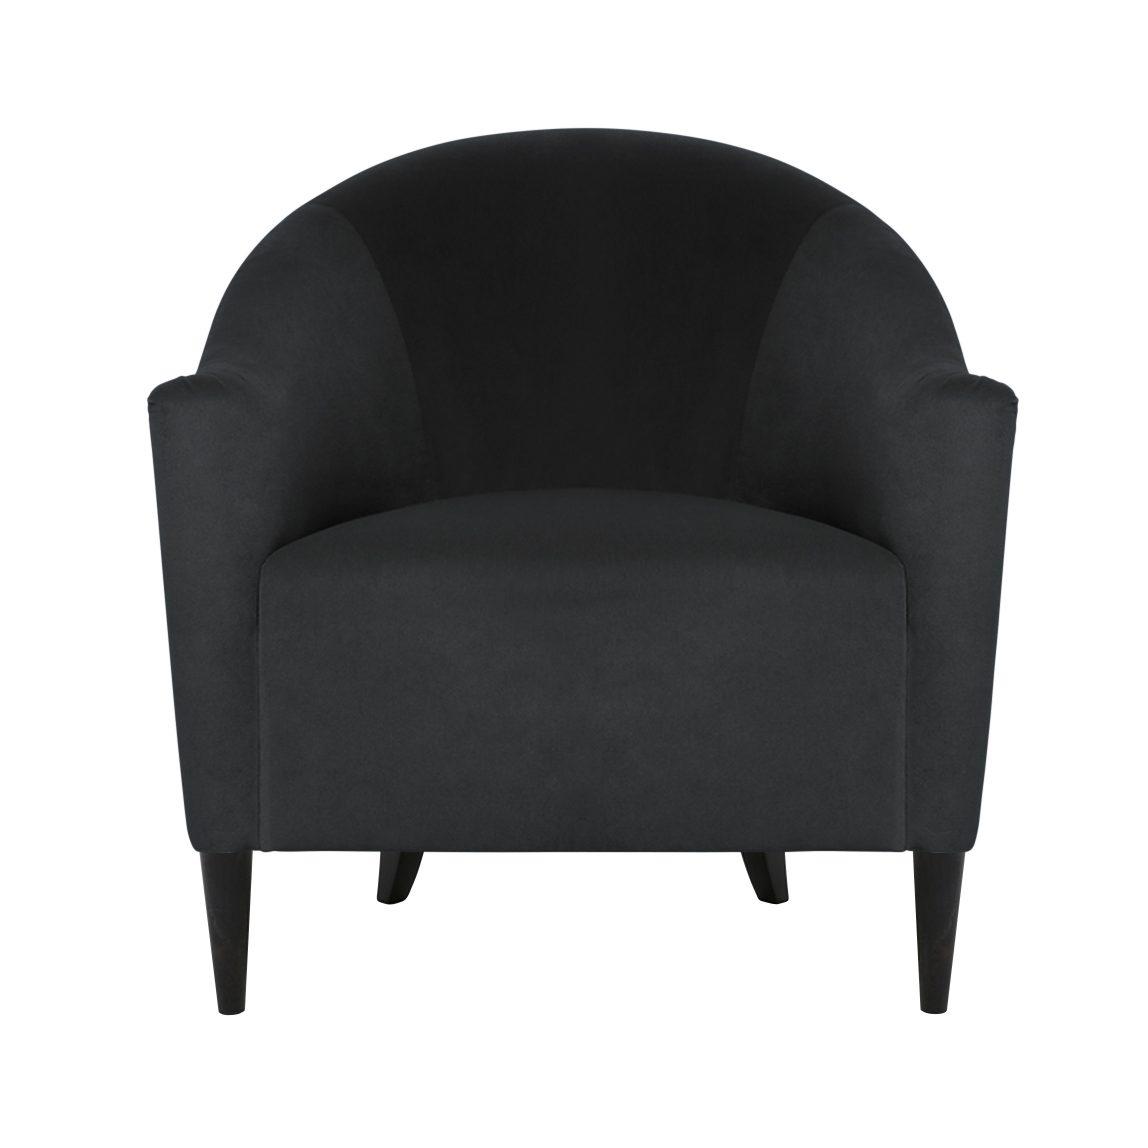 Акцентное графитовое бархатное кресло с круглой спинкой, с подлокотниками, дизайнерское кресло из бархата, кресло из бархата велюра, американский дизайн, мебель в стиле ардеко, арт деко, реплика (копия), реплика фабрики sofa chair company (софа чеир компани), купить удобное кресло, кресло для гостиной, будуарное кресло, Красивая дорогая акцентная мягкая мебель для ювелирного магазина бутика, кресло для гардеробной комнаты, кресло для спальни, кресло для прихожей, бархатное кресло, Адам, мягкая мебель российского производства, кресло на ножках, каминное кресло, лавсит. Кресло гондола. редкое, вычурное, люкс, лакшери, на заказ